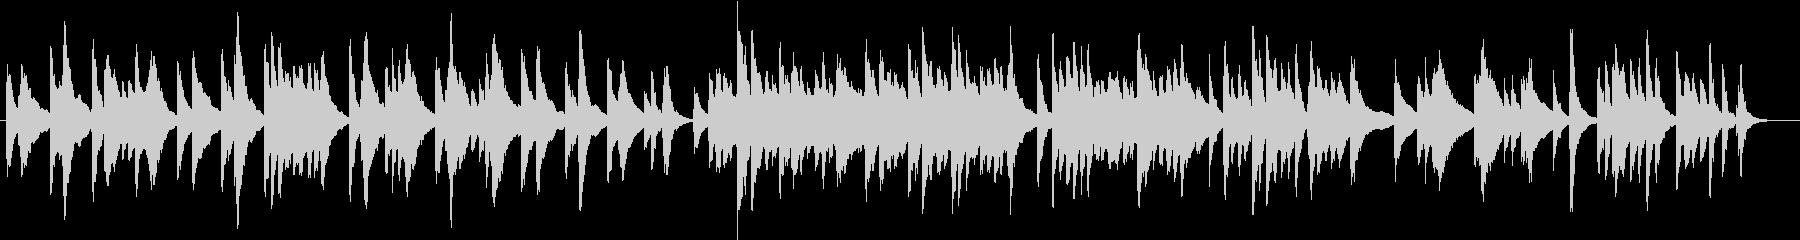 アメージンググレースのゆったりハープ演奏の未再生の波形